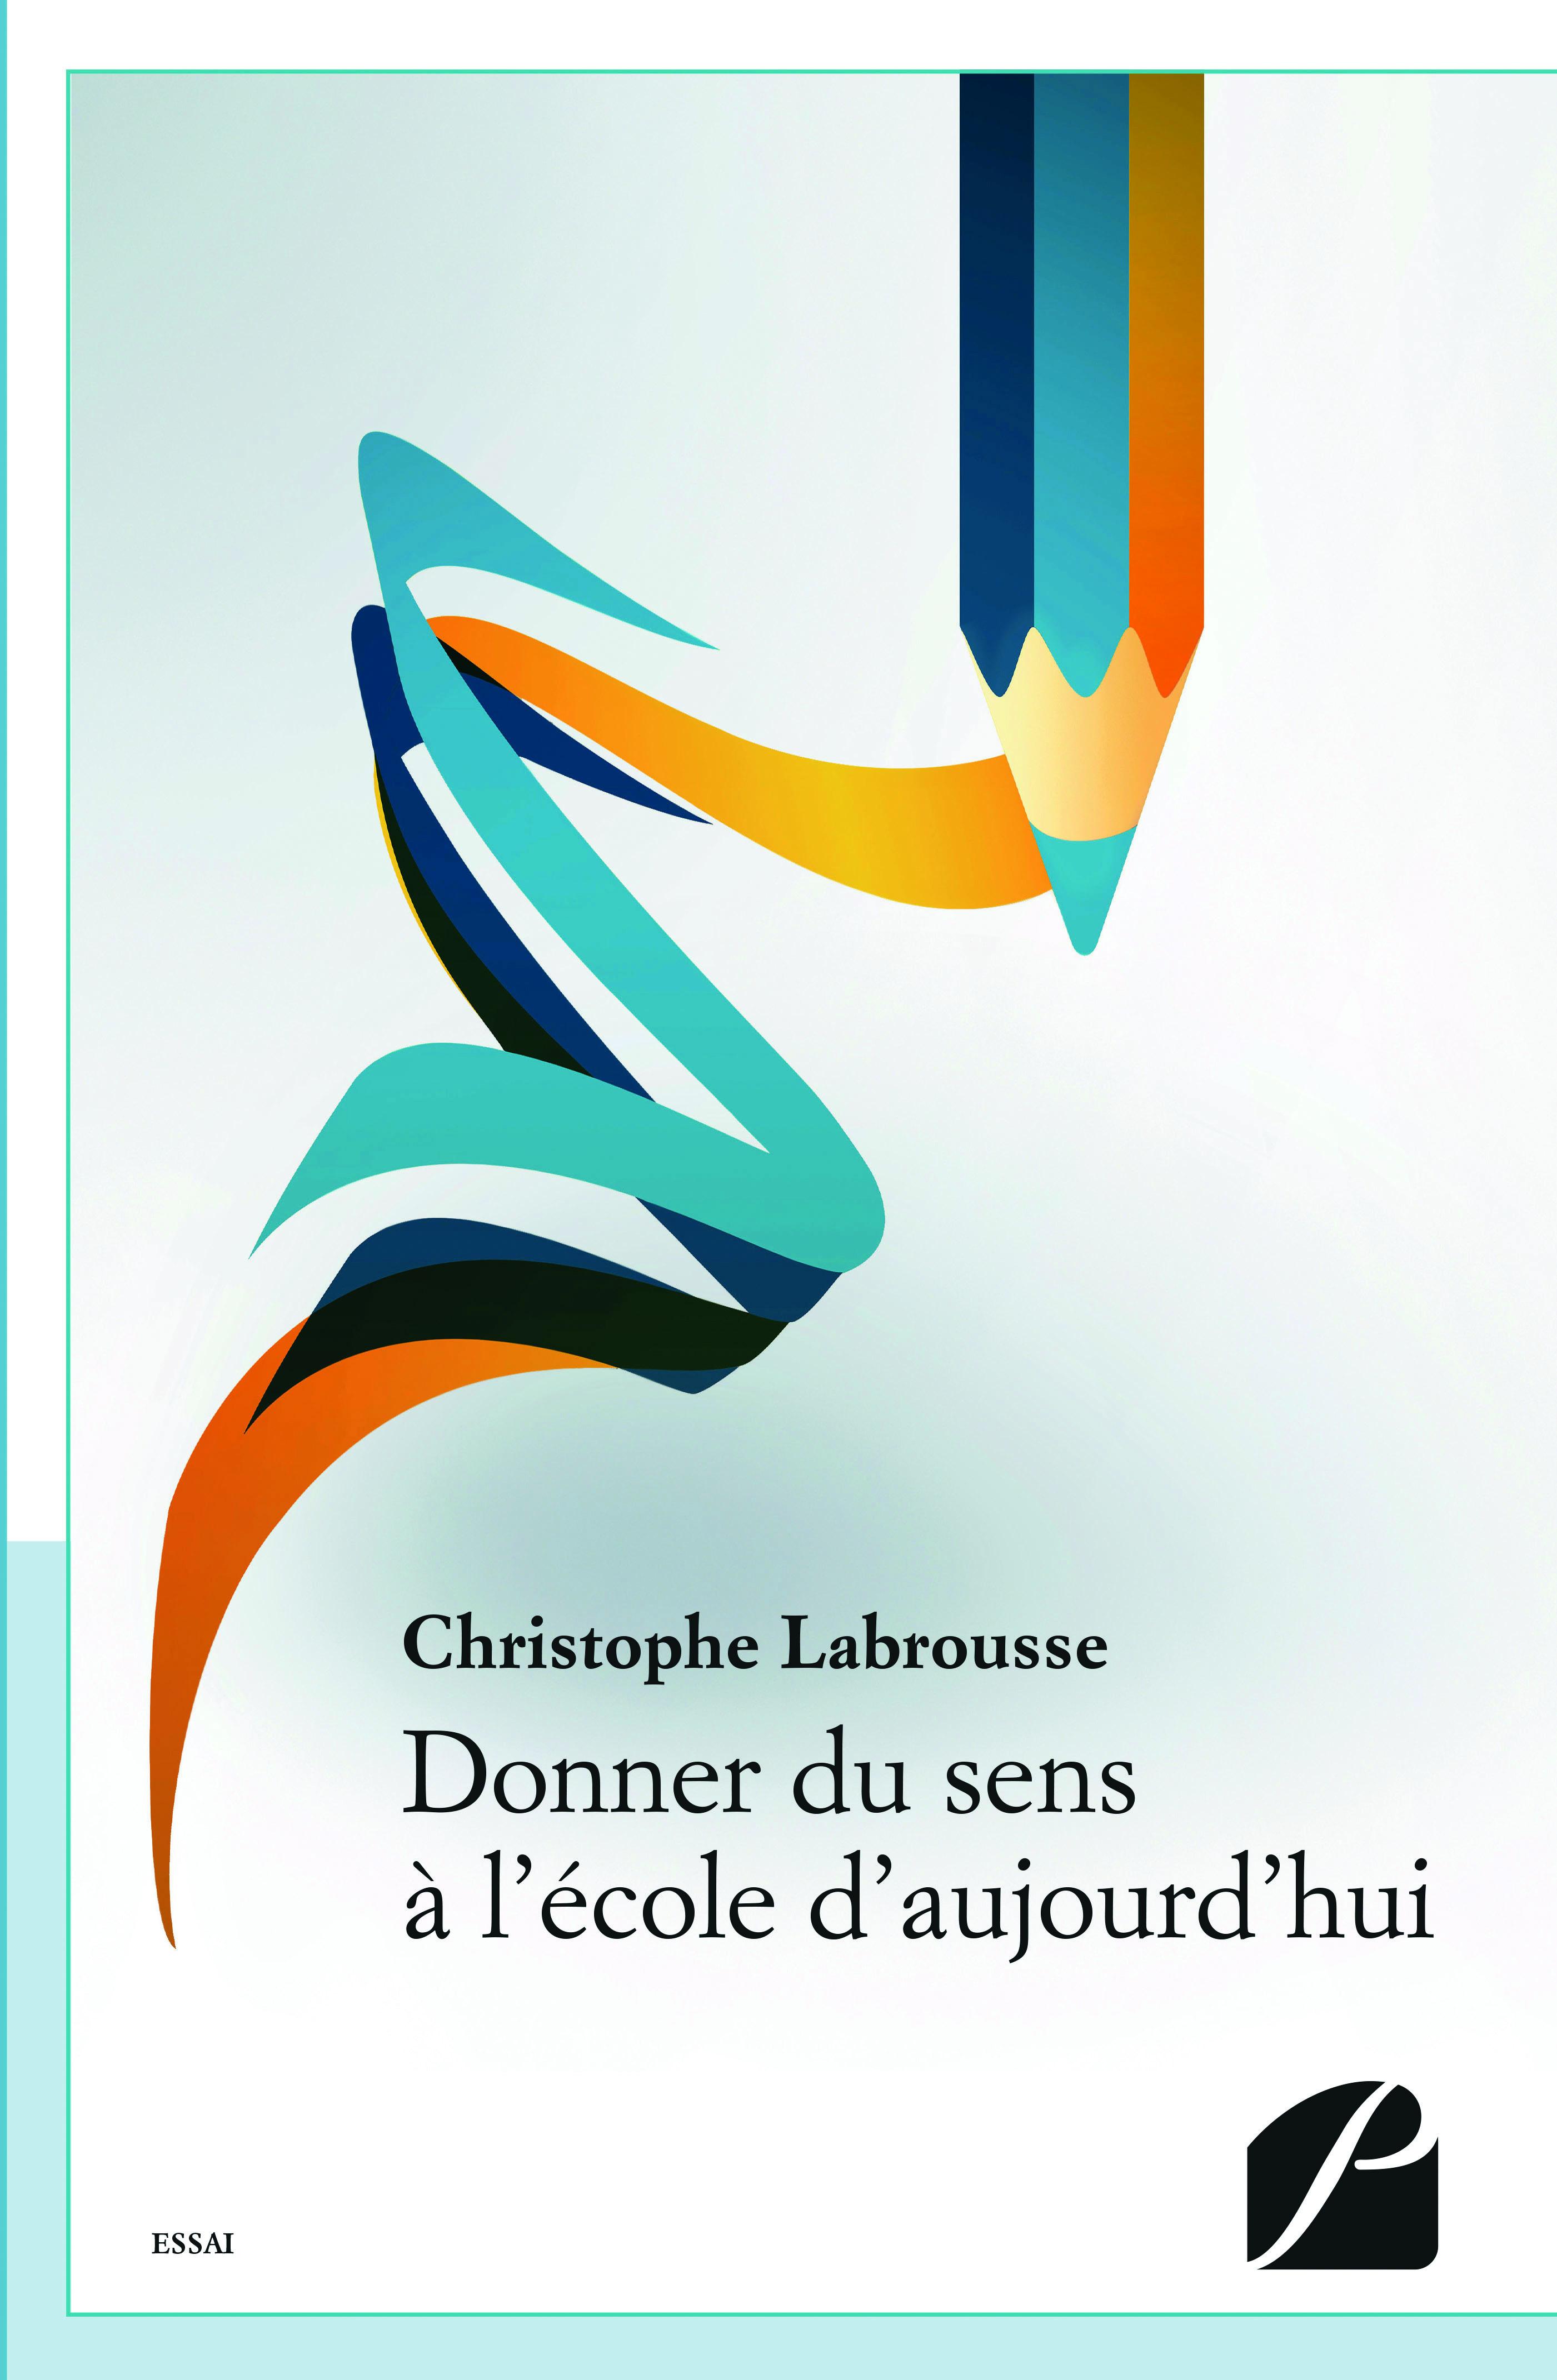 LIVRE3936•Labrousse-133x203x9,12-168p-HACHETTE-V1-PRINT.indd